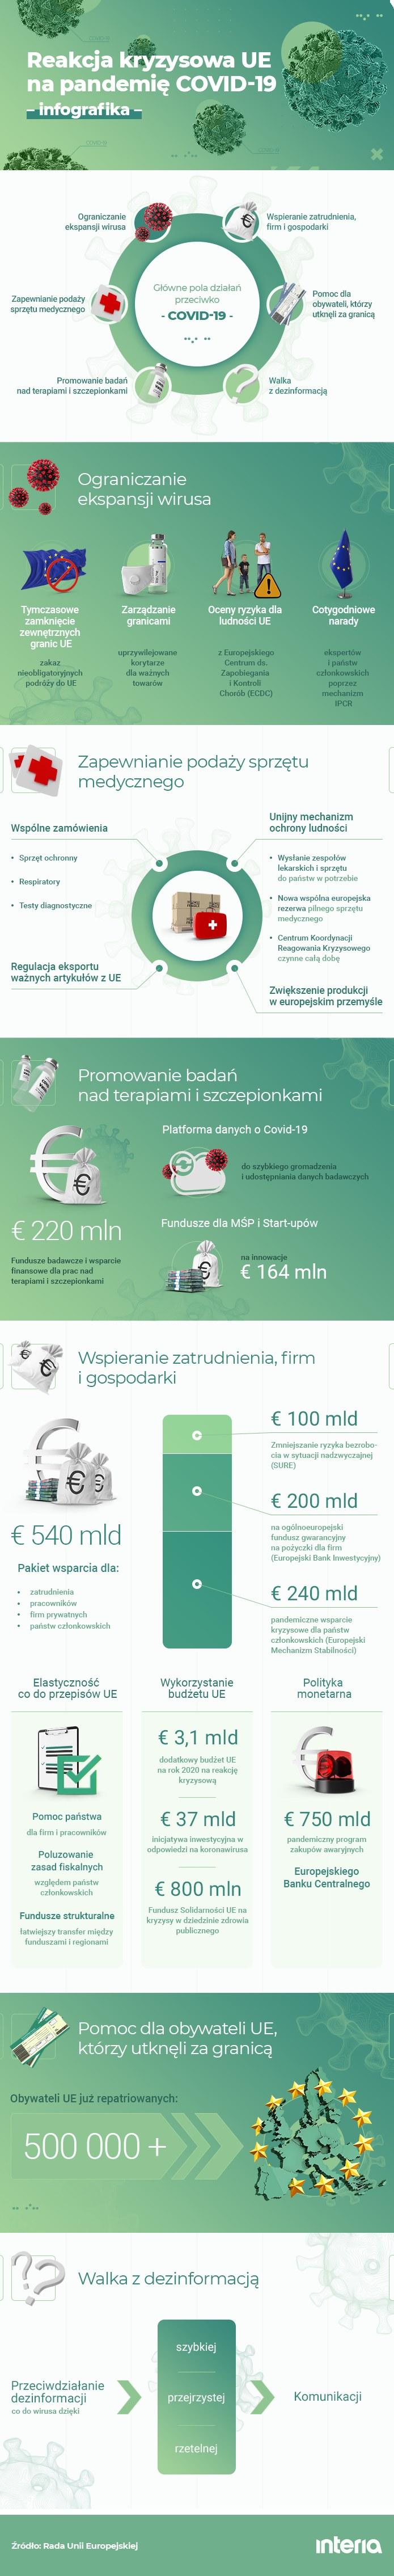 Reakcja Unii Europejskiej na pandemię COVID-19 /INTERIA.PL